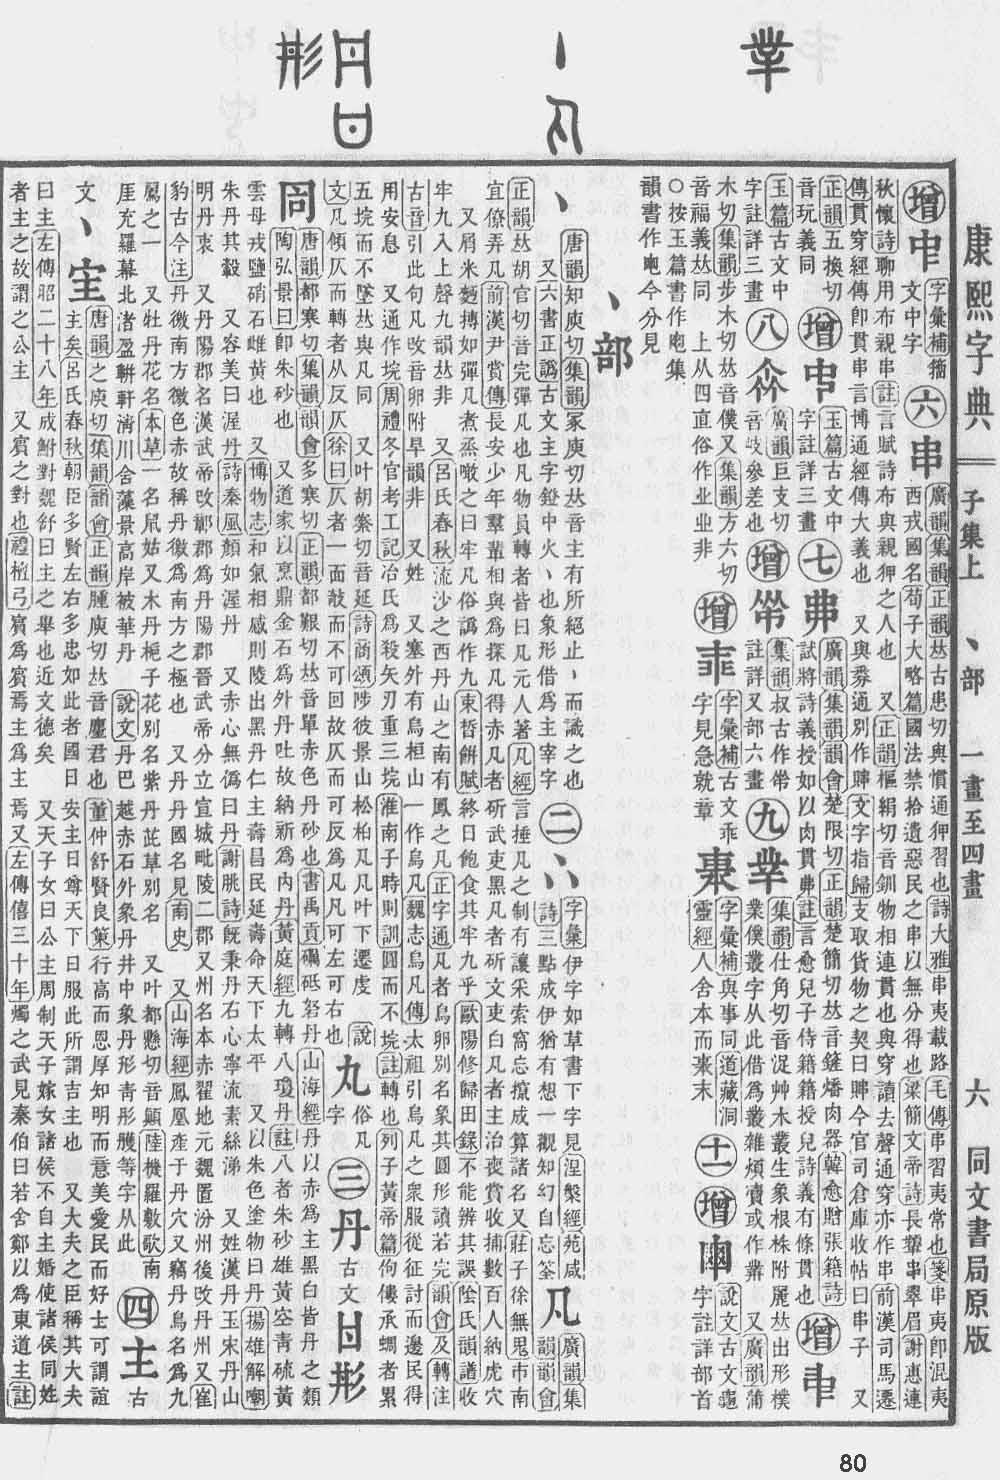 《康熙字典》第80页